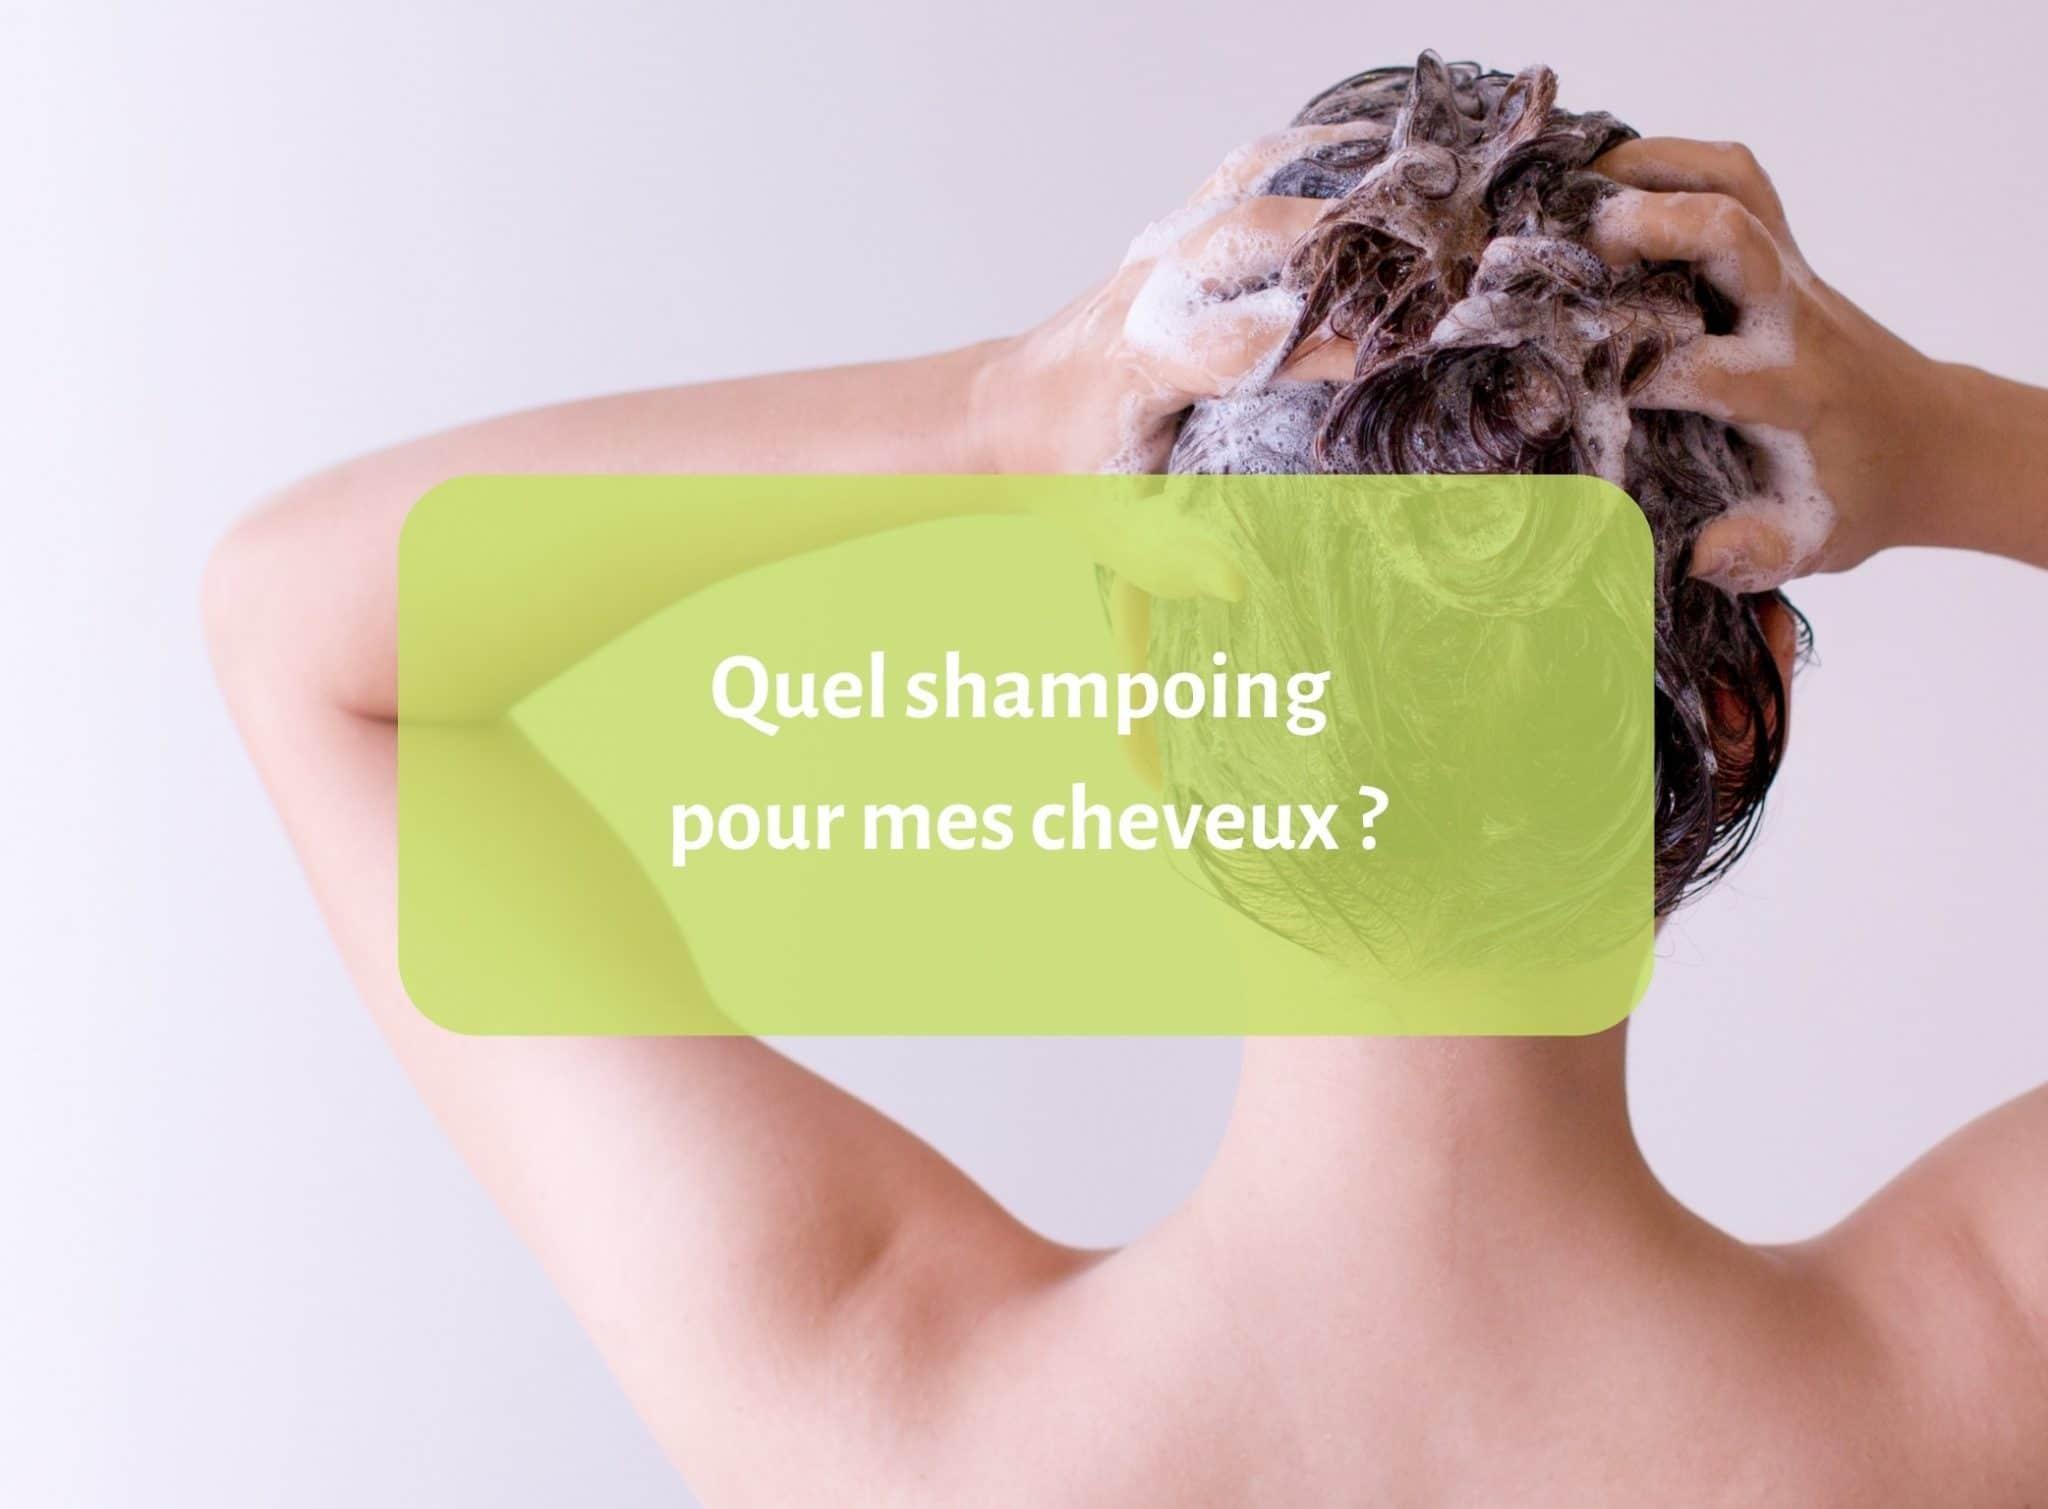 Quel shampoing est fait pour mes cheveux?